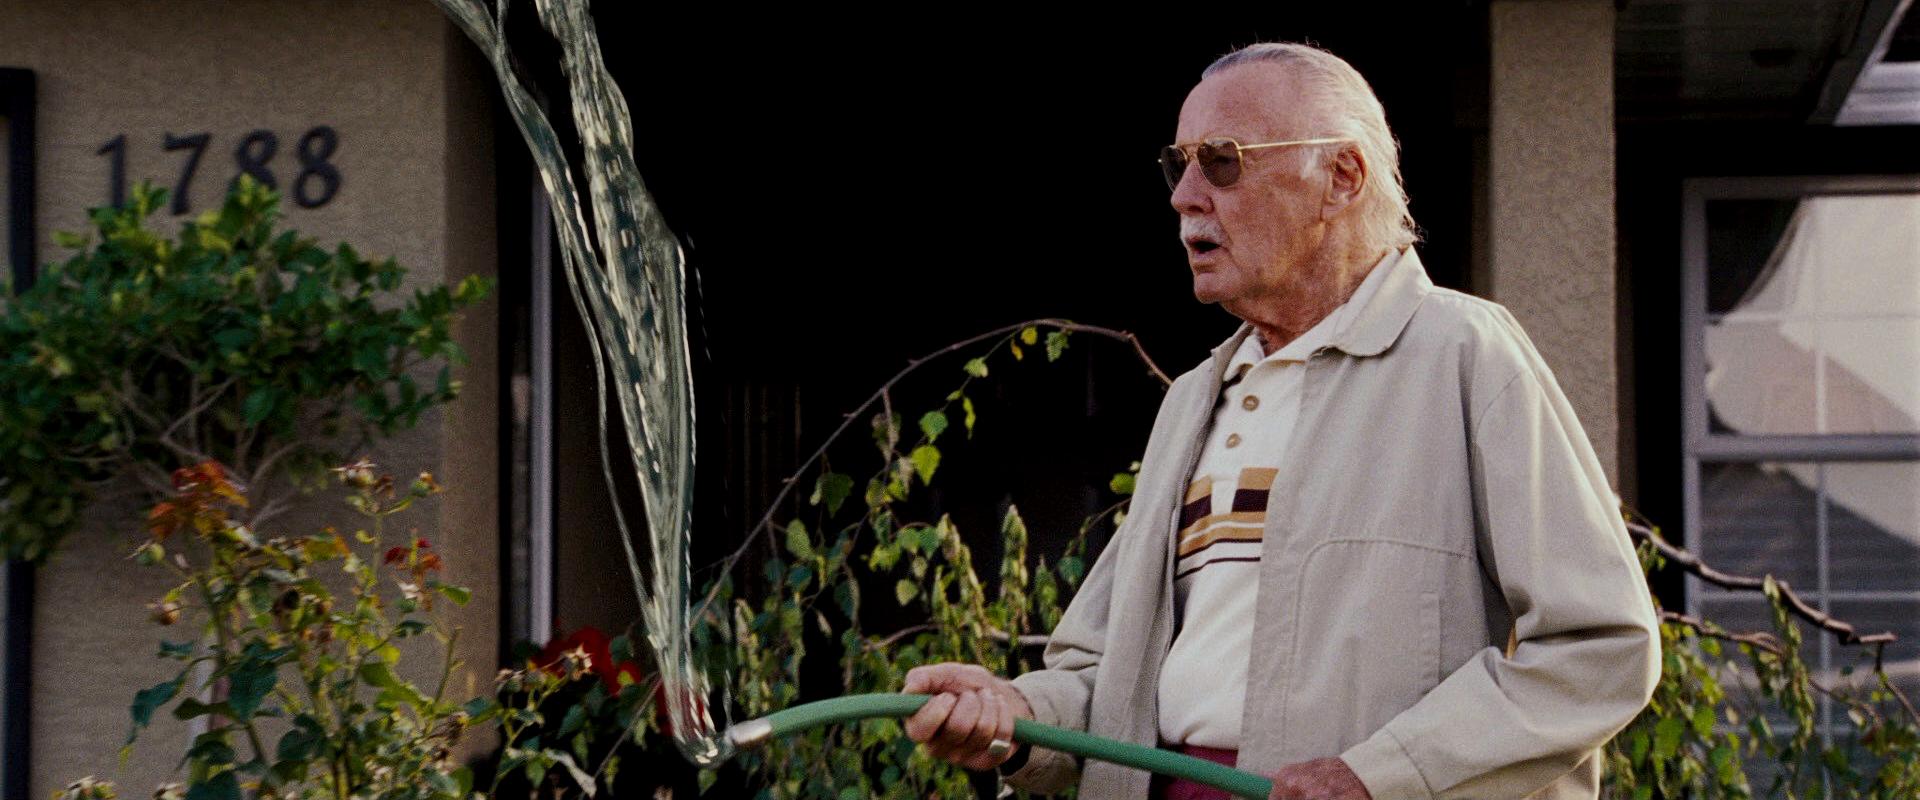 Stan Lee's X-Men cameo.